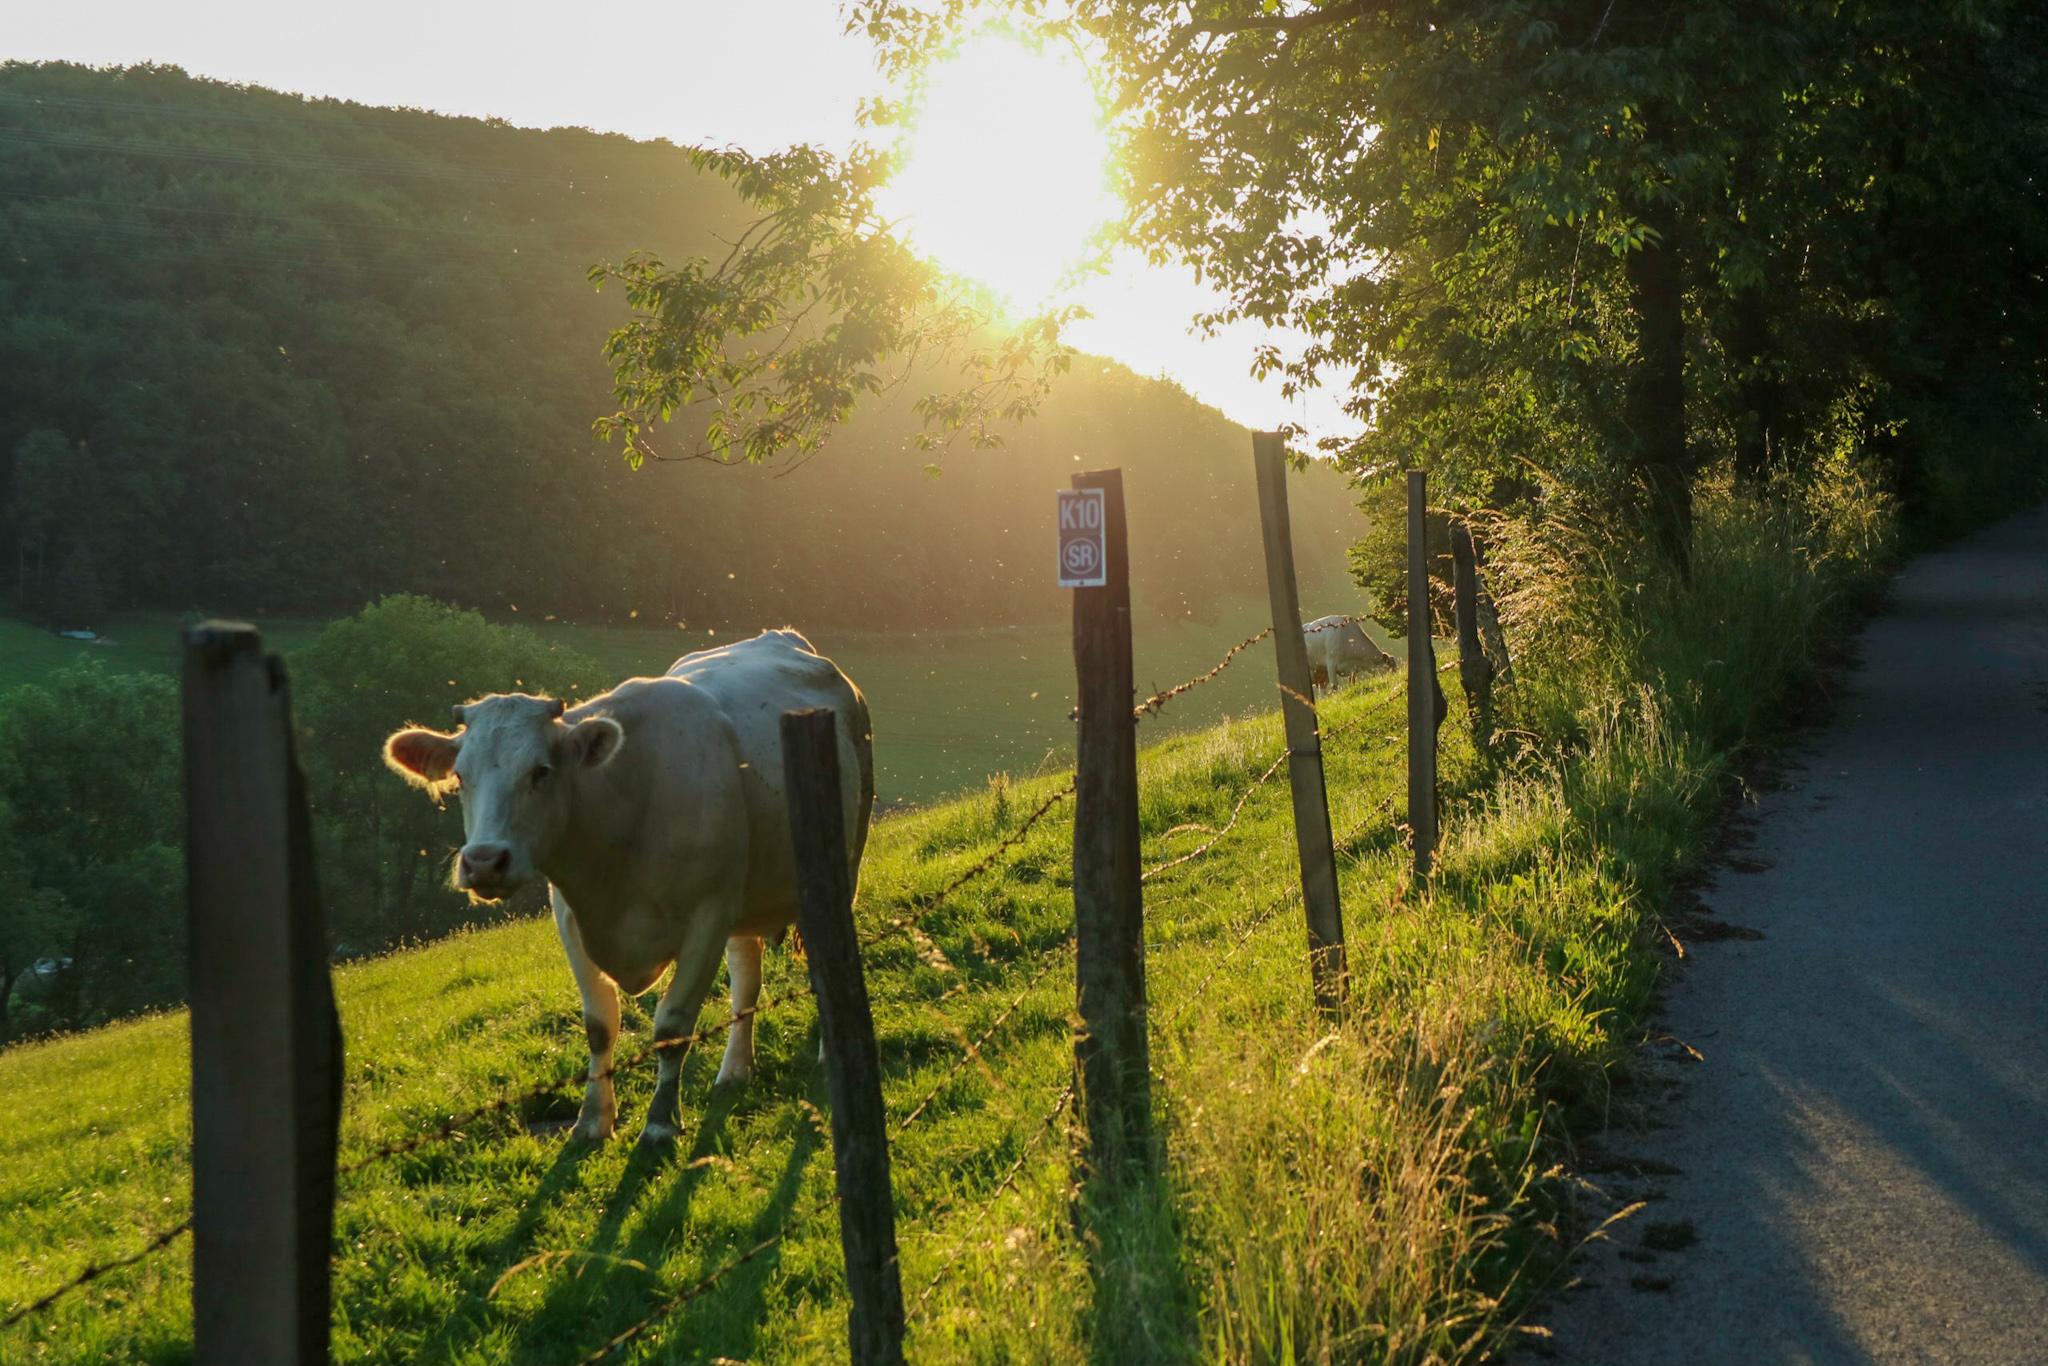 Verena Steilmann - Kuh im Sonnenlicht - Juli 2020